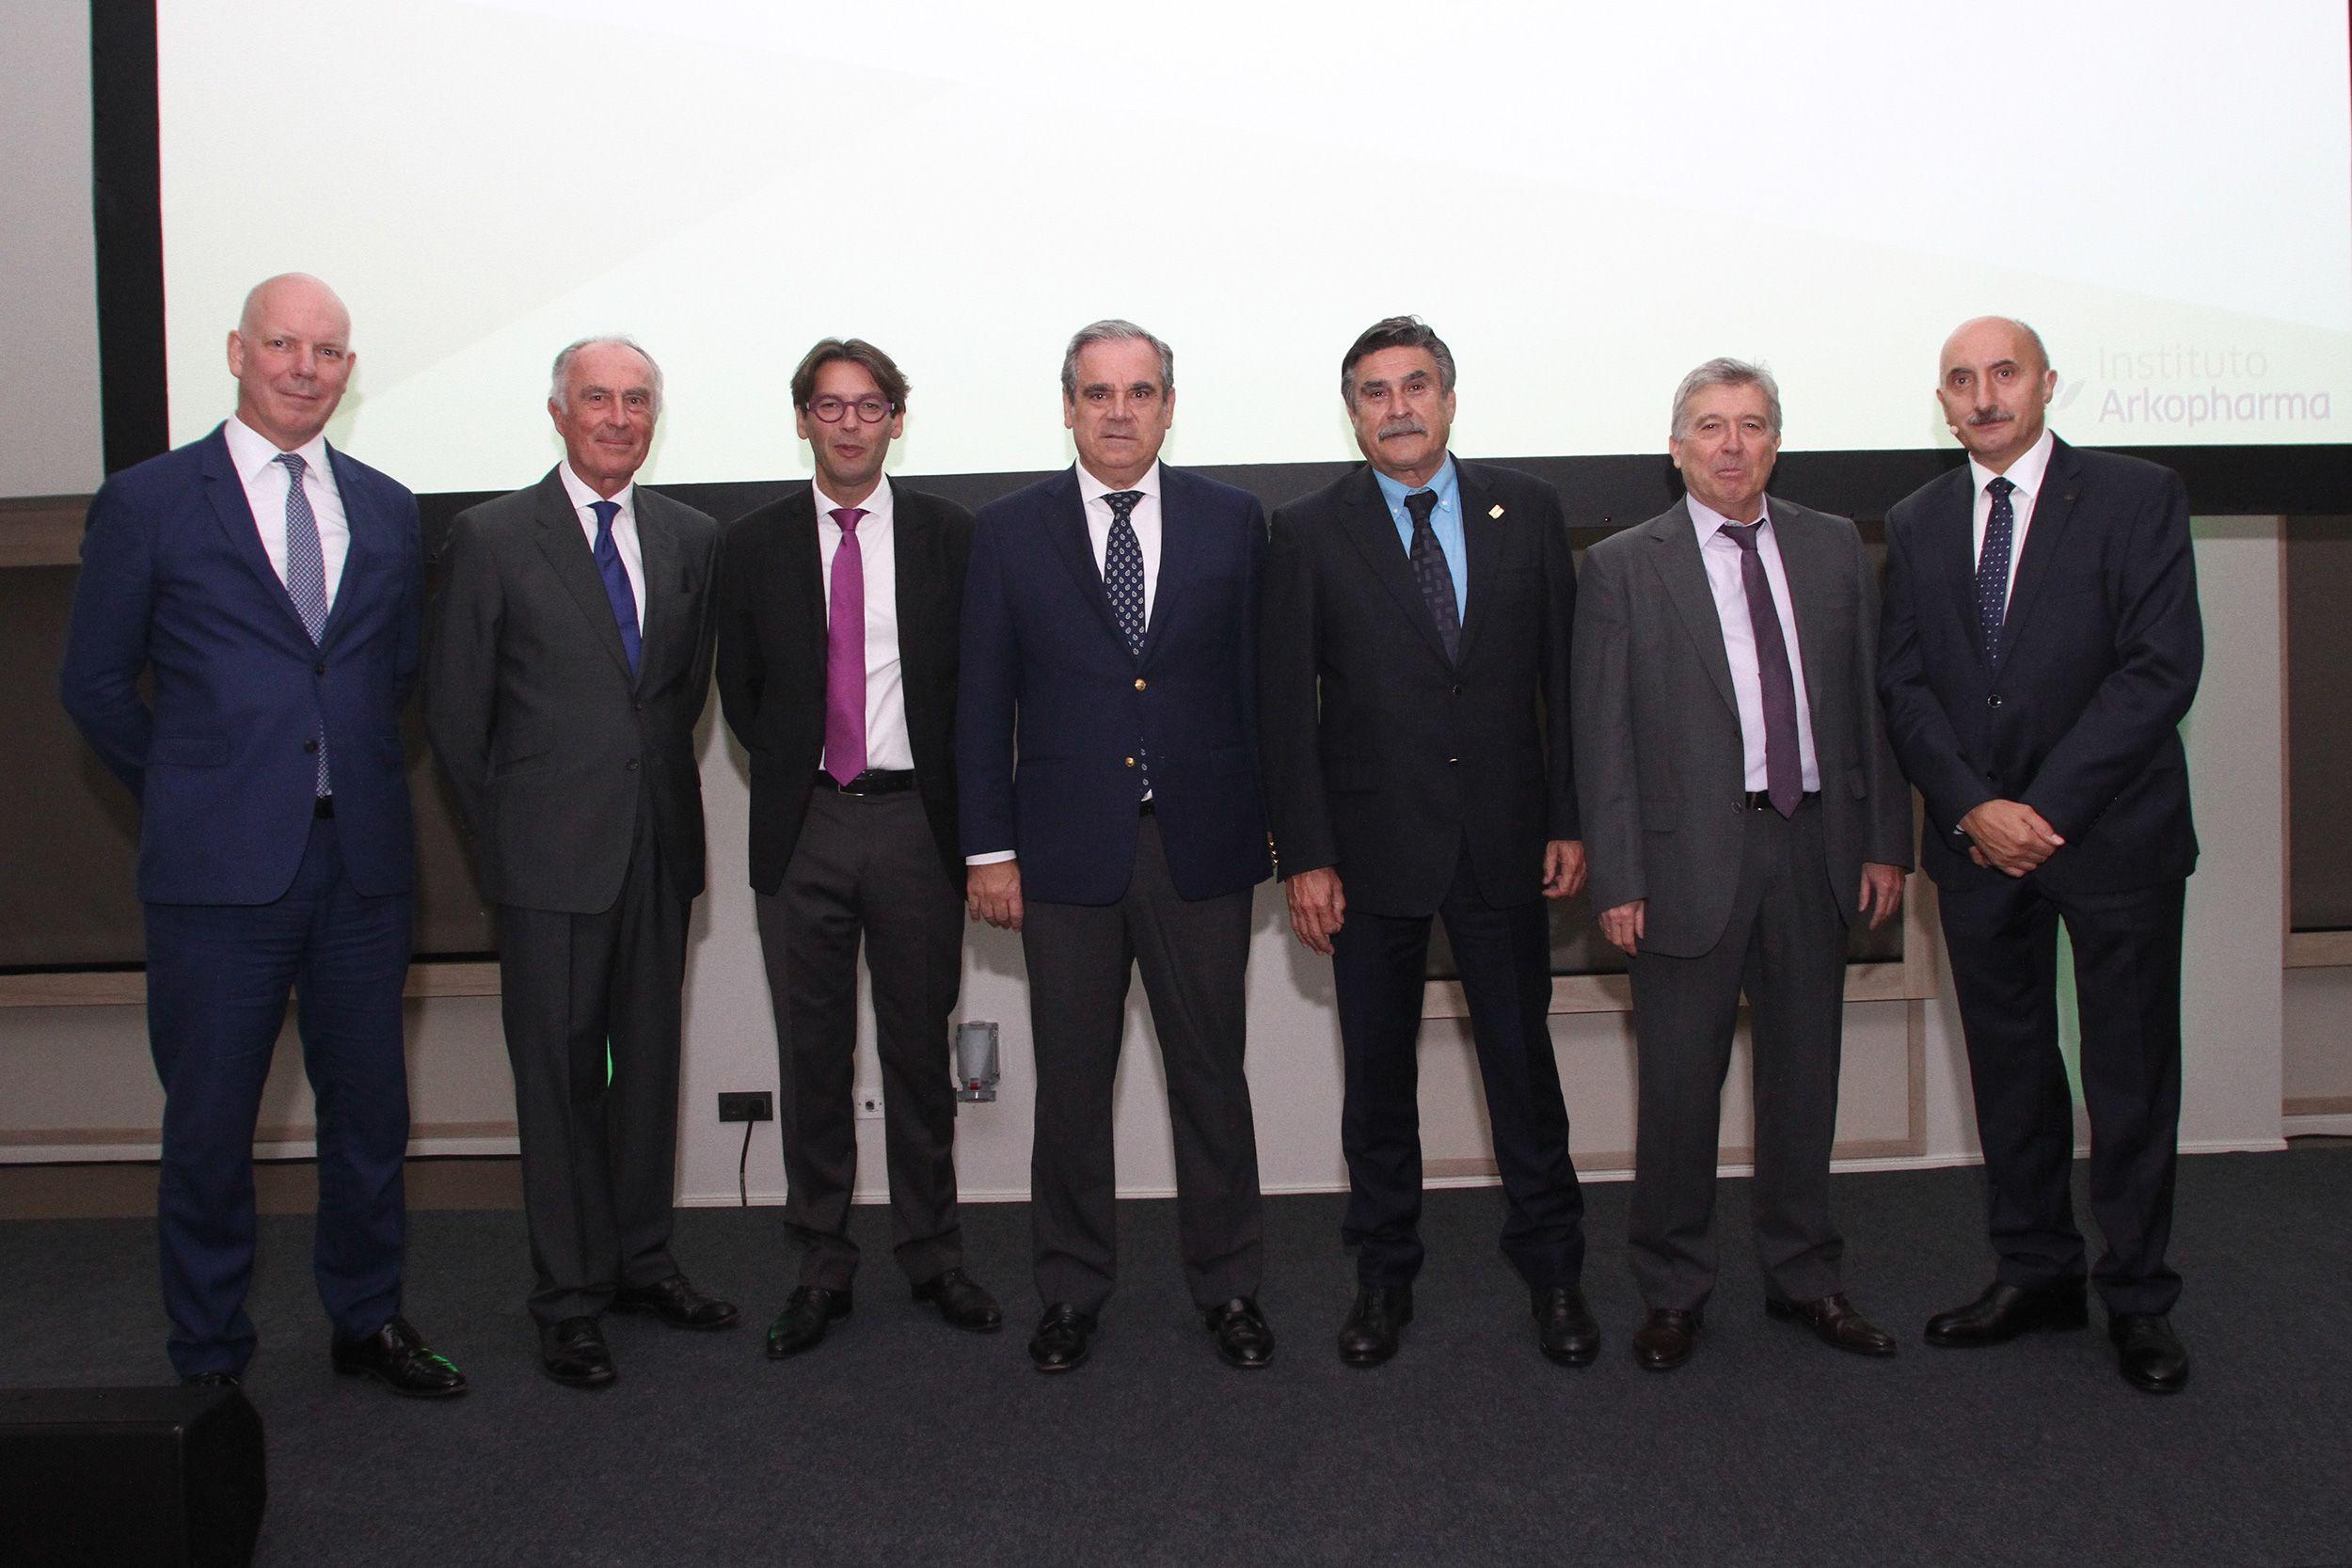 Foto de Presentación Instituto Arkopharma